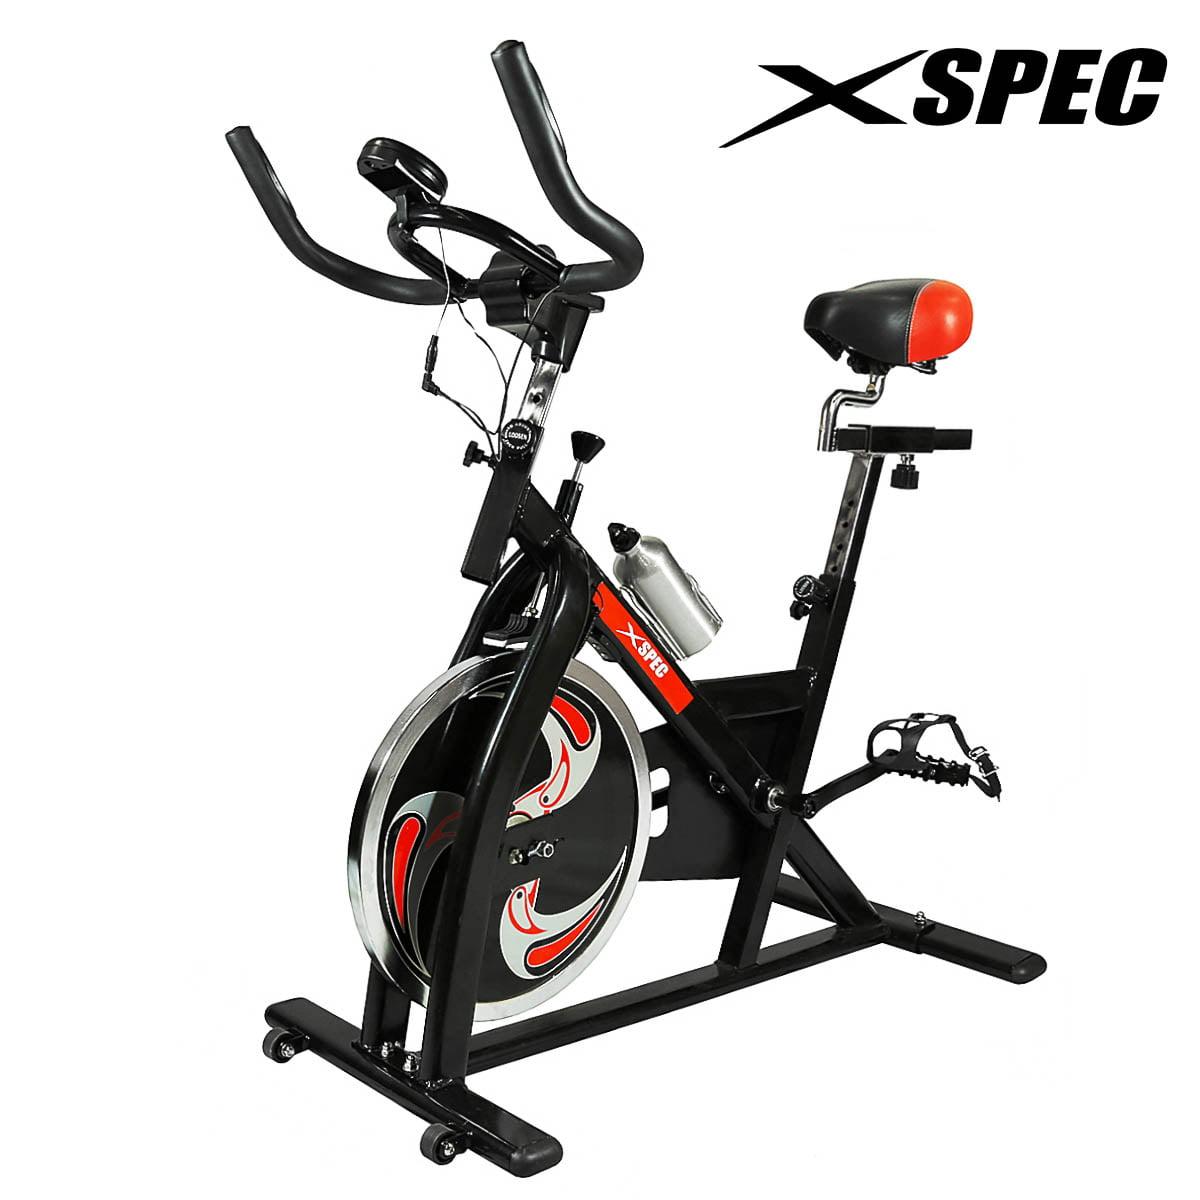 Xspec Pro Stationary Upright Exercise Bike, Black Indoor ...